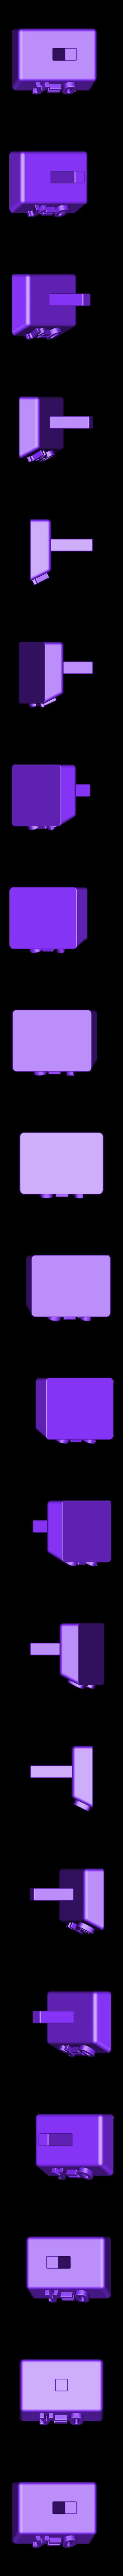 Function_Stickman_y0_bottom.stl Télécharger fichier STL gratuit Dancing Function Stickmen • Plan pour impression 3D, Chrisibub